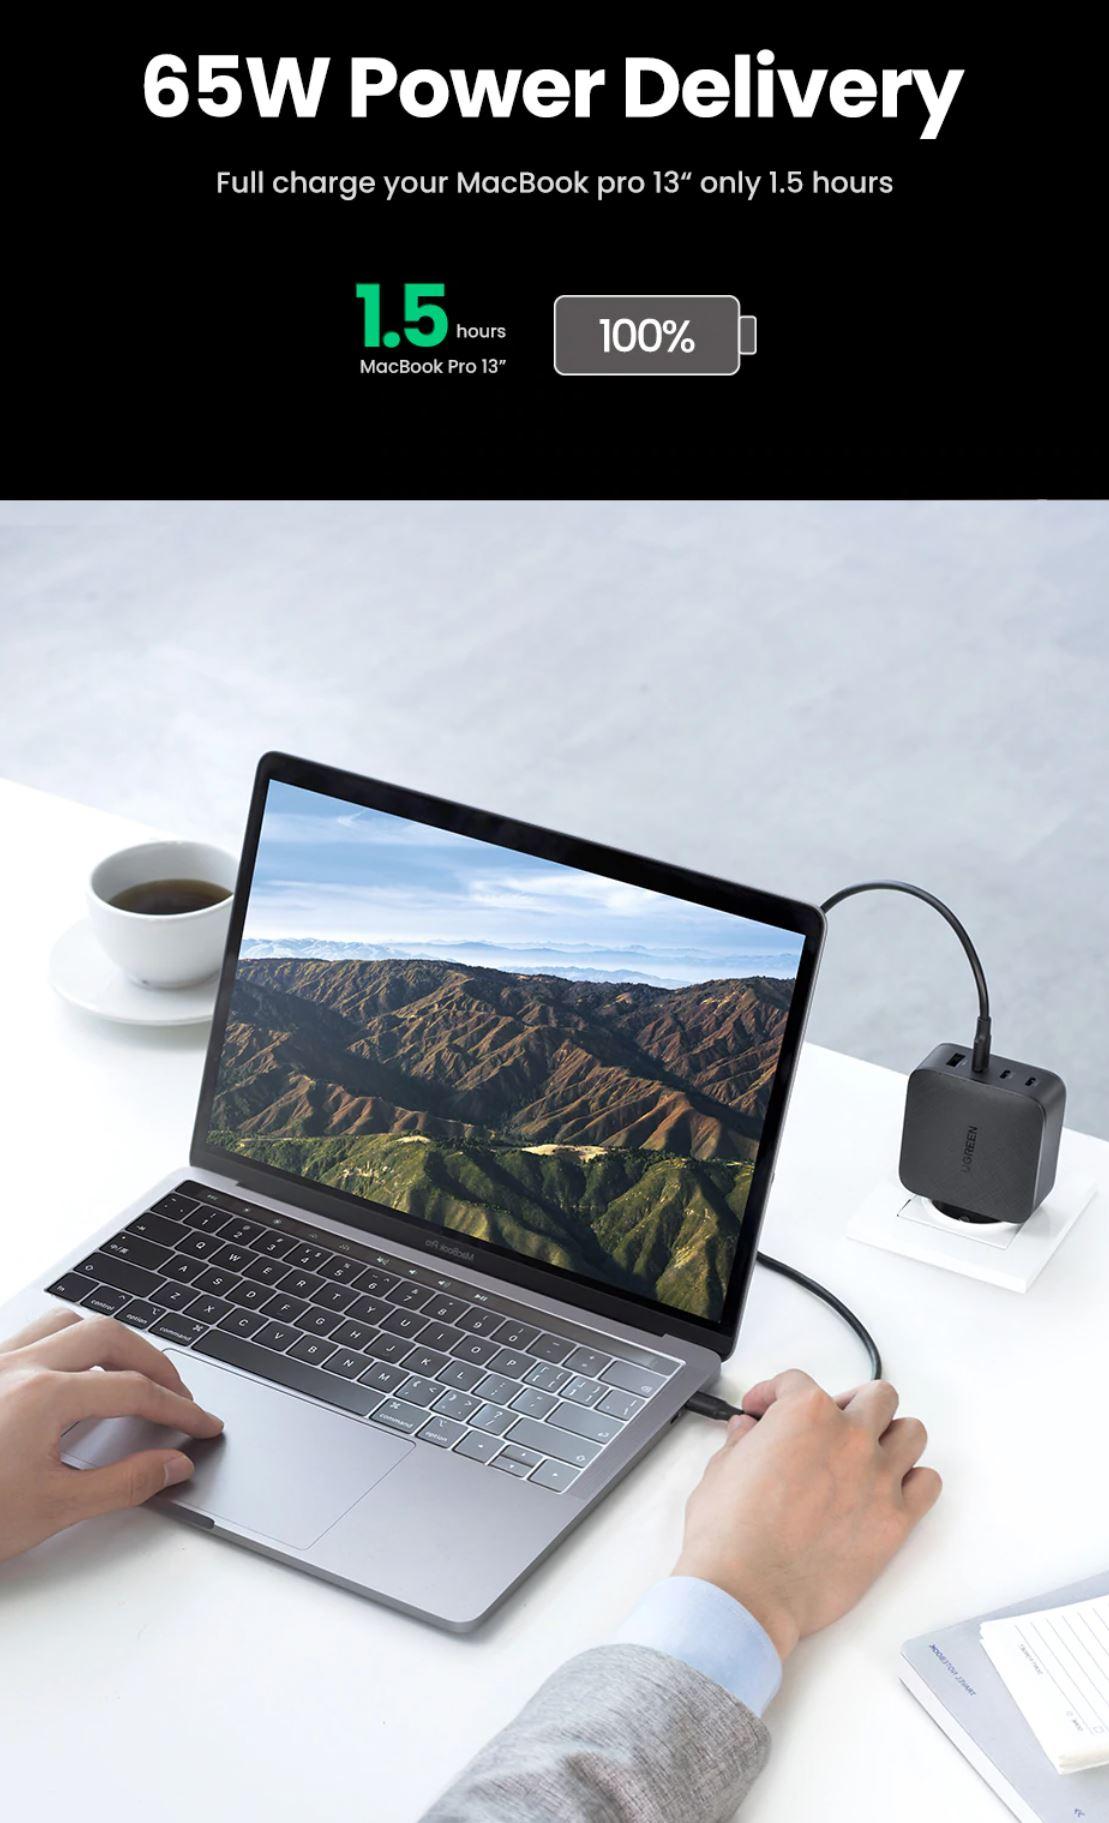 Akcesoria do iPhone 13 z AliExpress - zaoszczędzisz nawet kilkadziesiąt złotych - ładowarka UGREEN 65W - szybkie ładowanie laptopa MacBook Pro